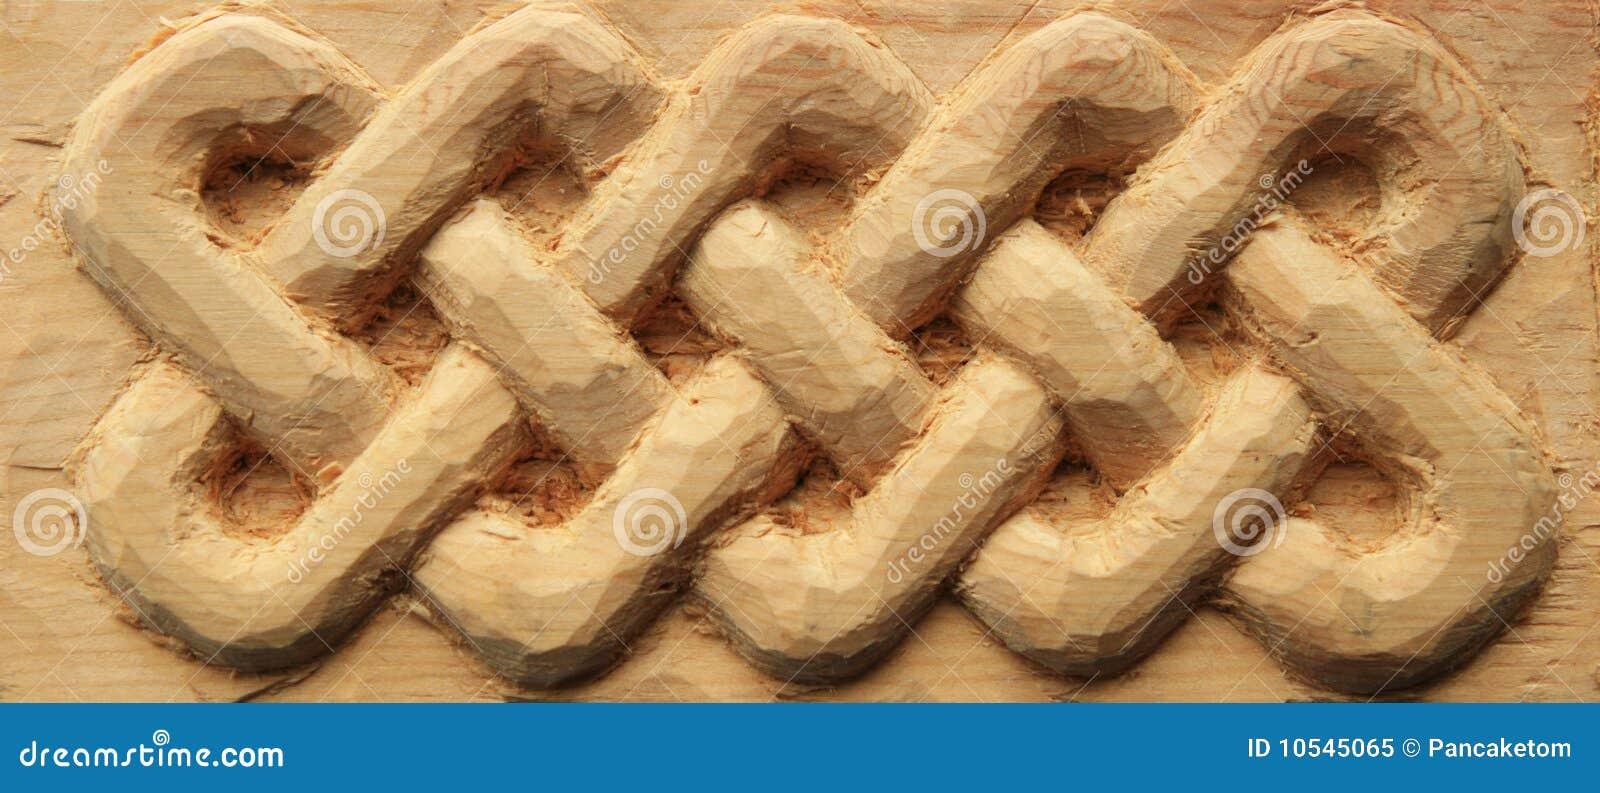 Hand carved wooden celtic interlace design.